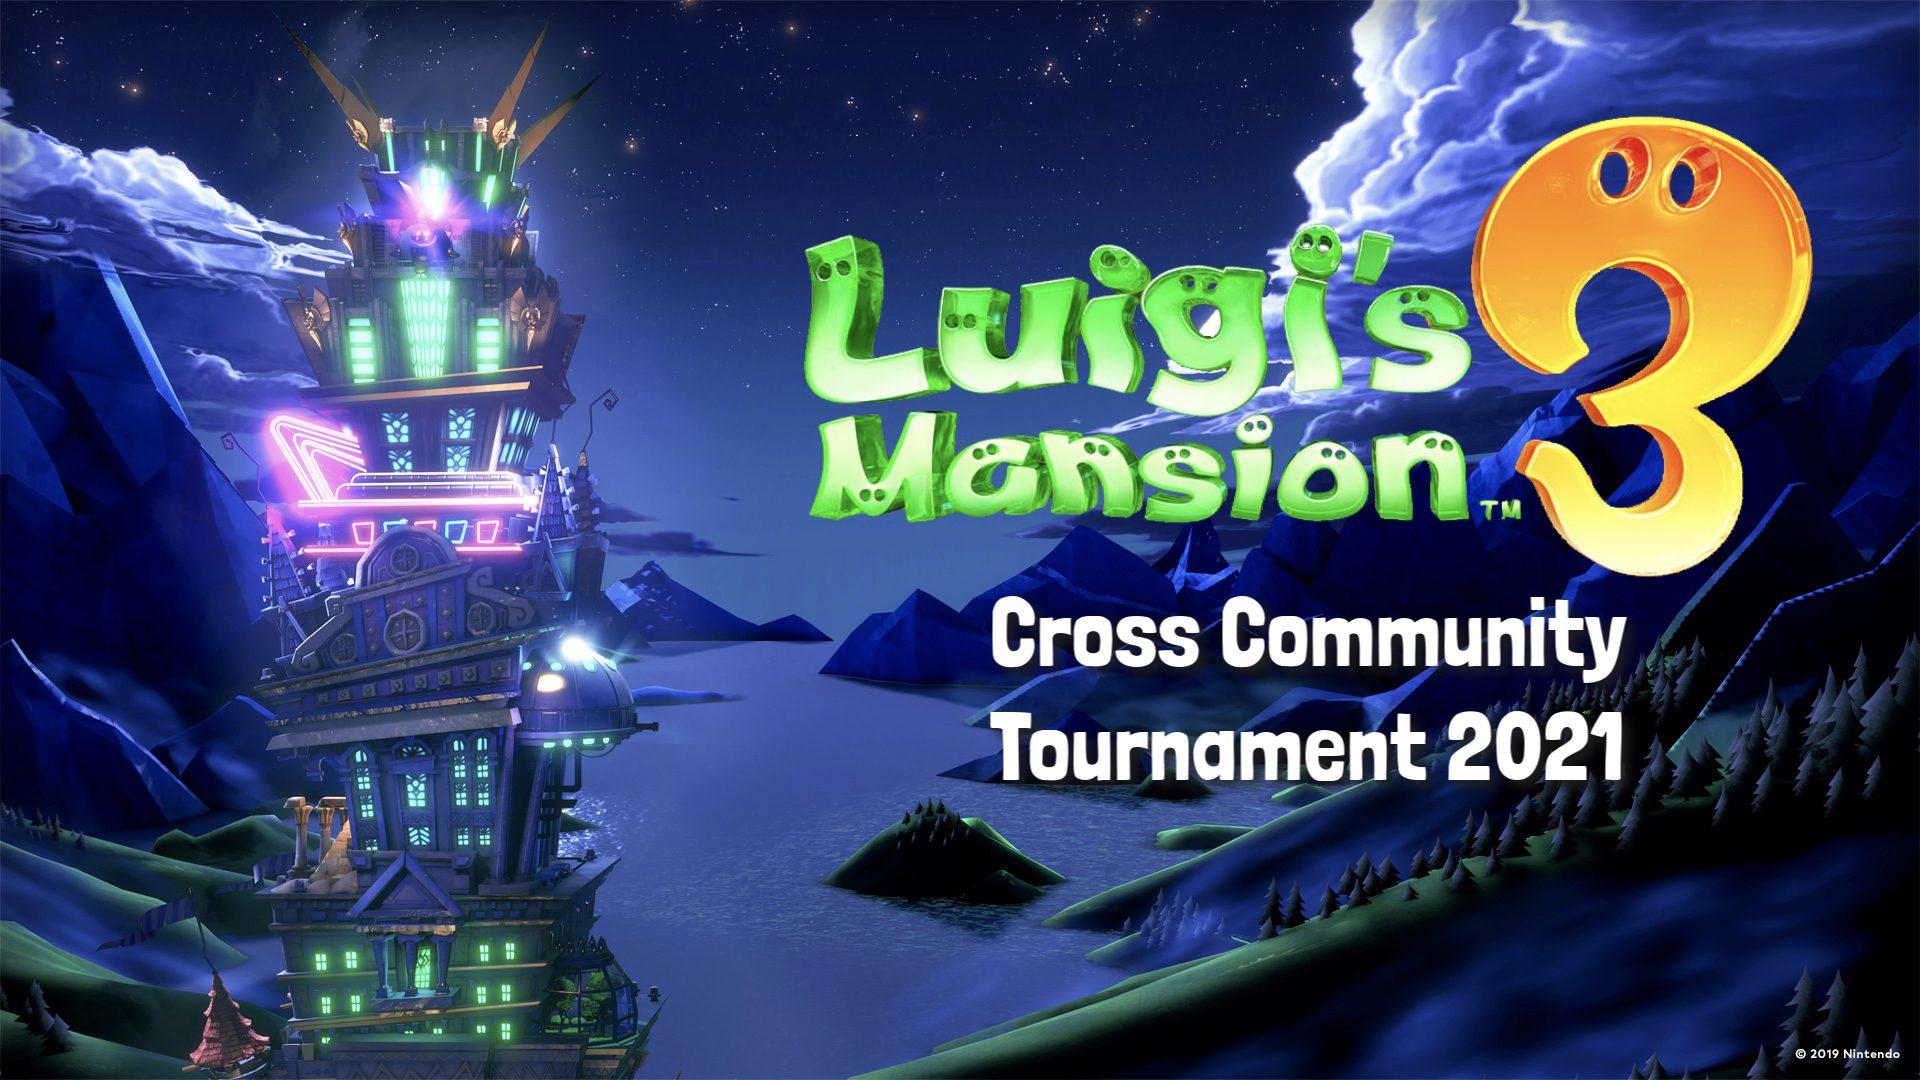 Luigi's Mansion 3 Tournament